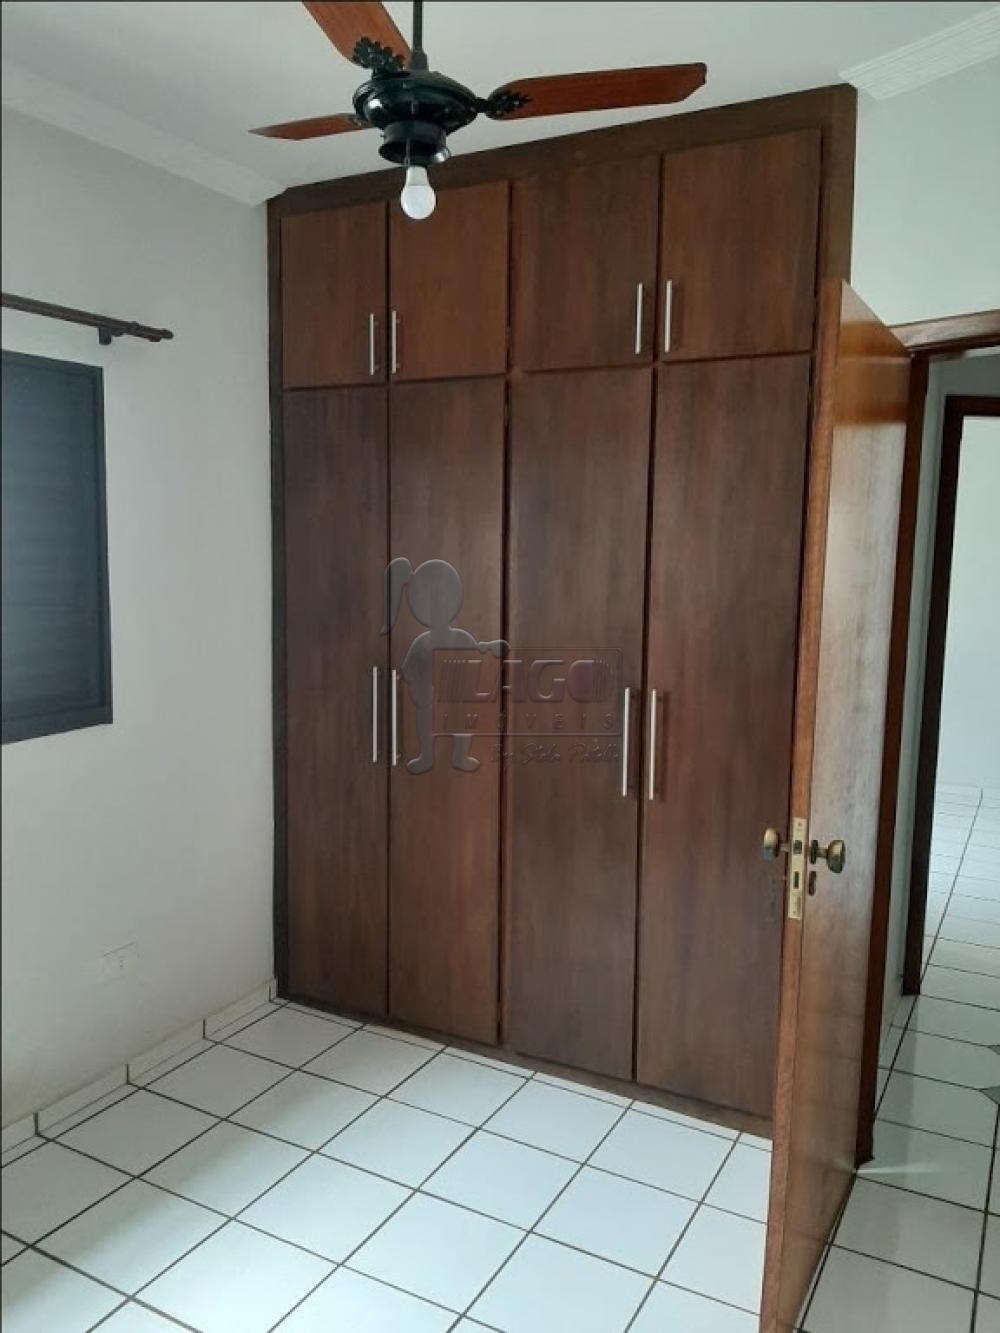 Comprar Casas / Padrão em Ribeirão Preto apenas R$ 490.000,00 - Foto 7